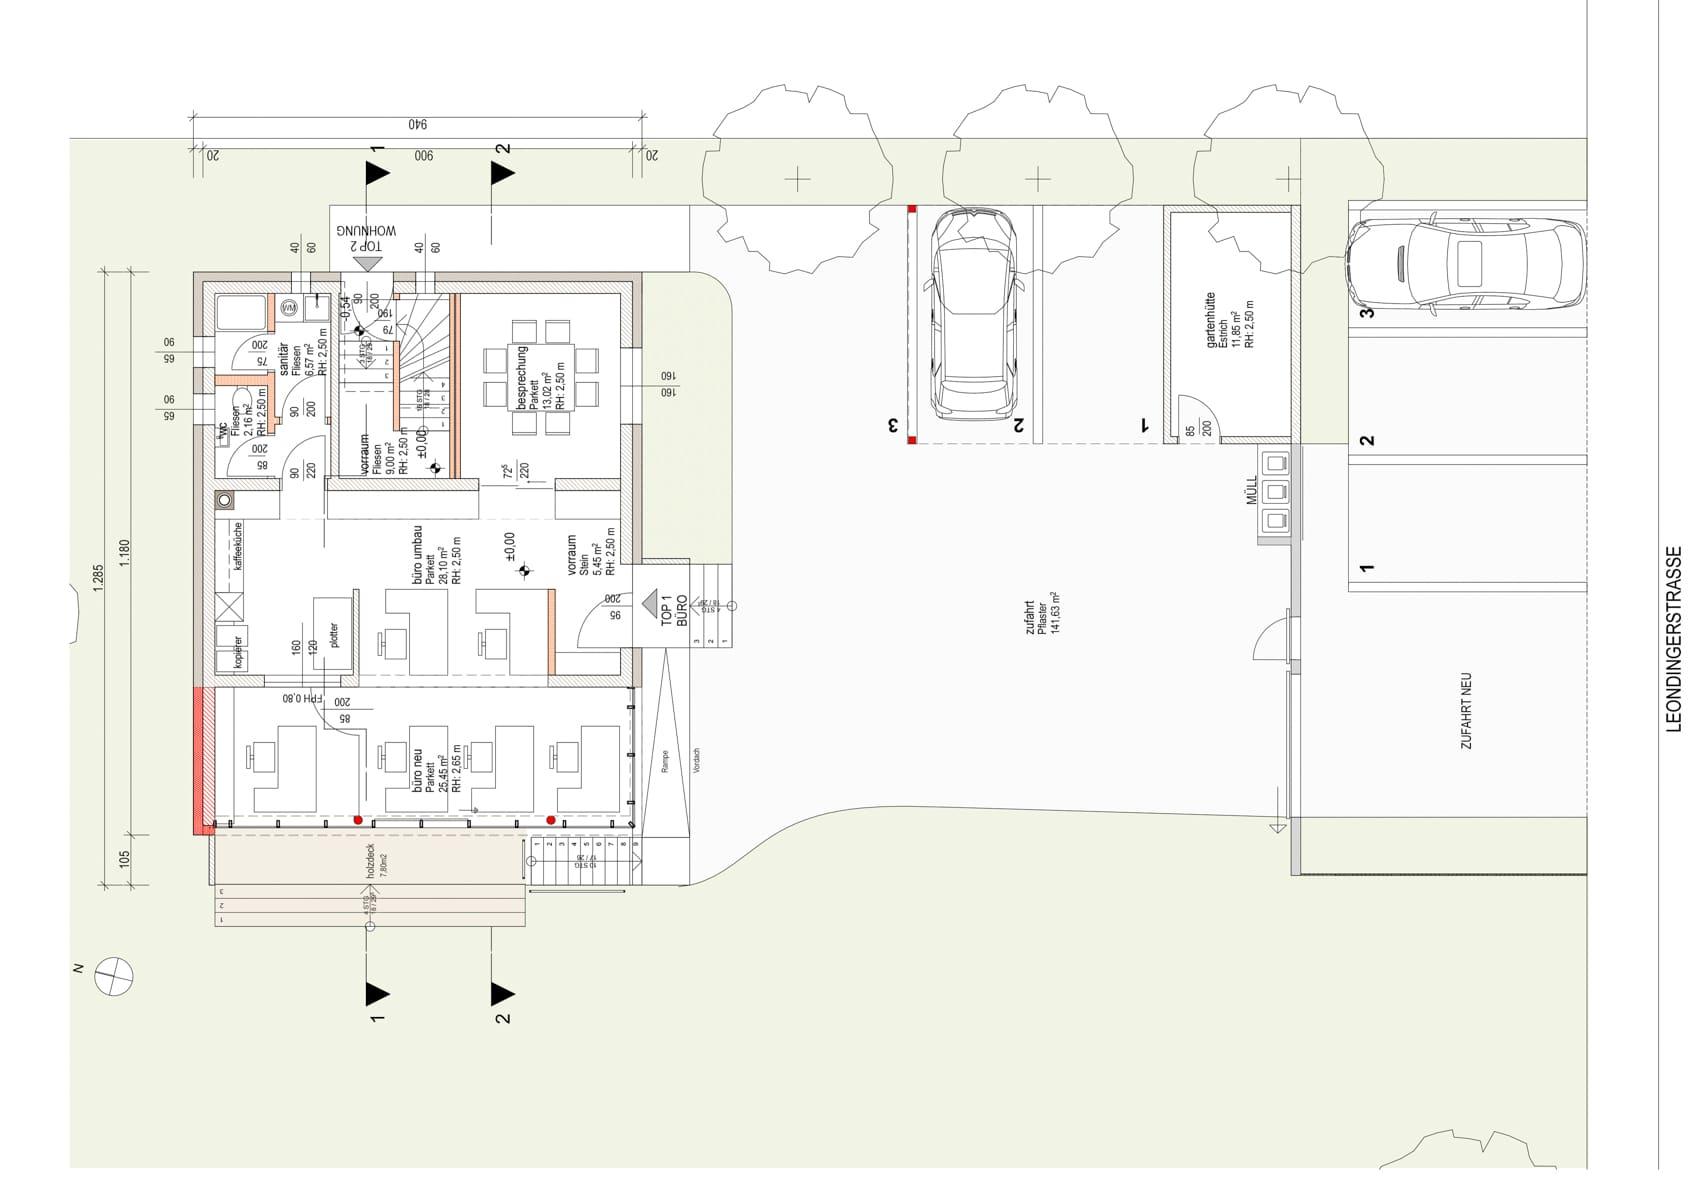 grundriss, Umbau in Pasching; architektur; pasching; zubau; büroerweiterung; wohnung